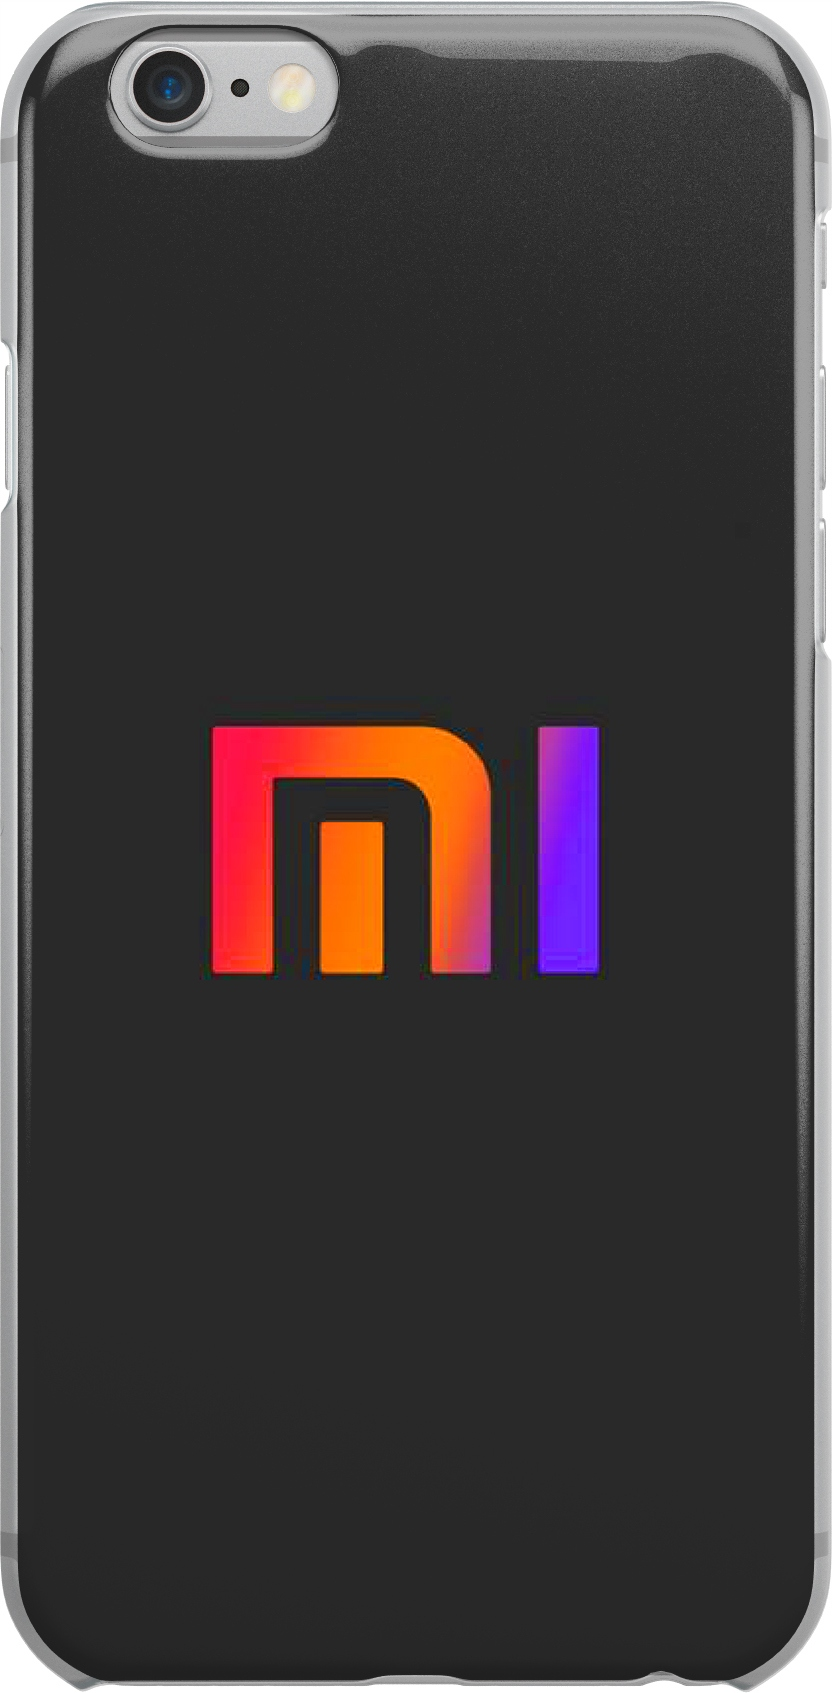 Etui Wzory Xiaomi Lg K5